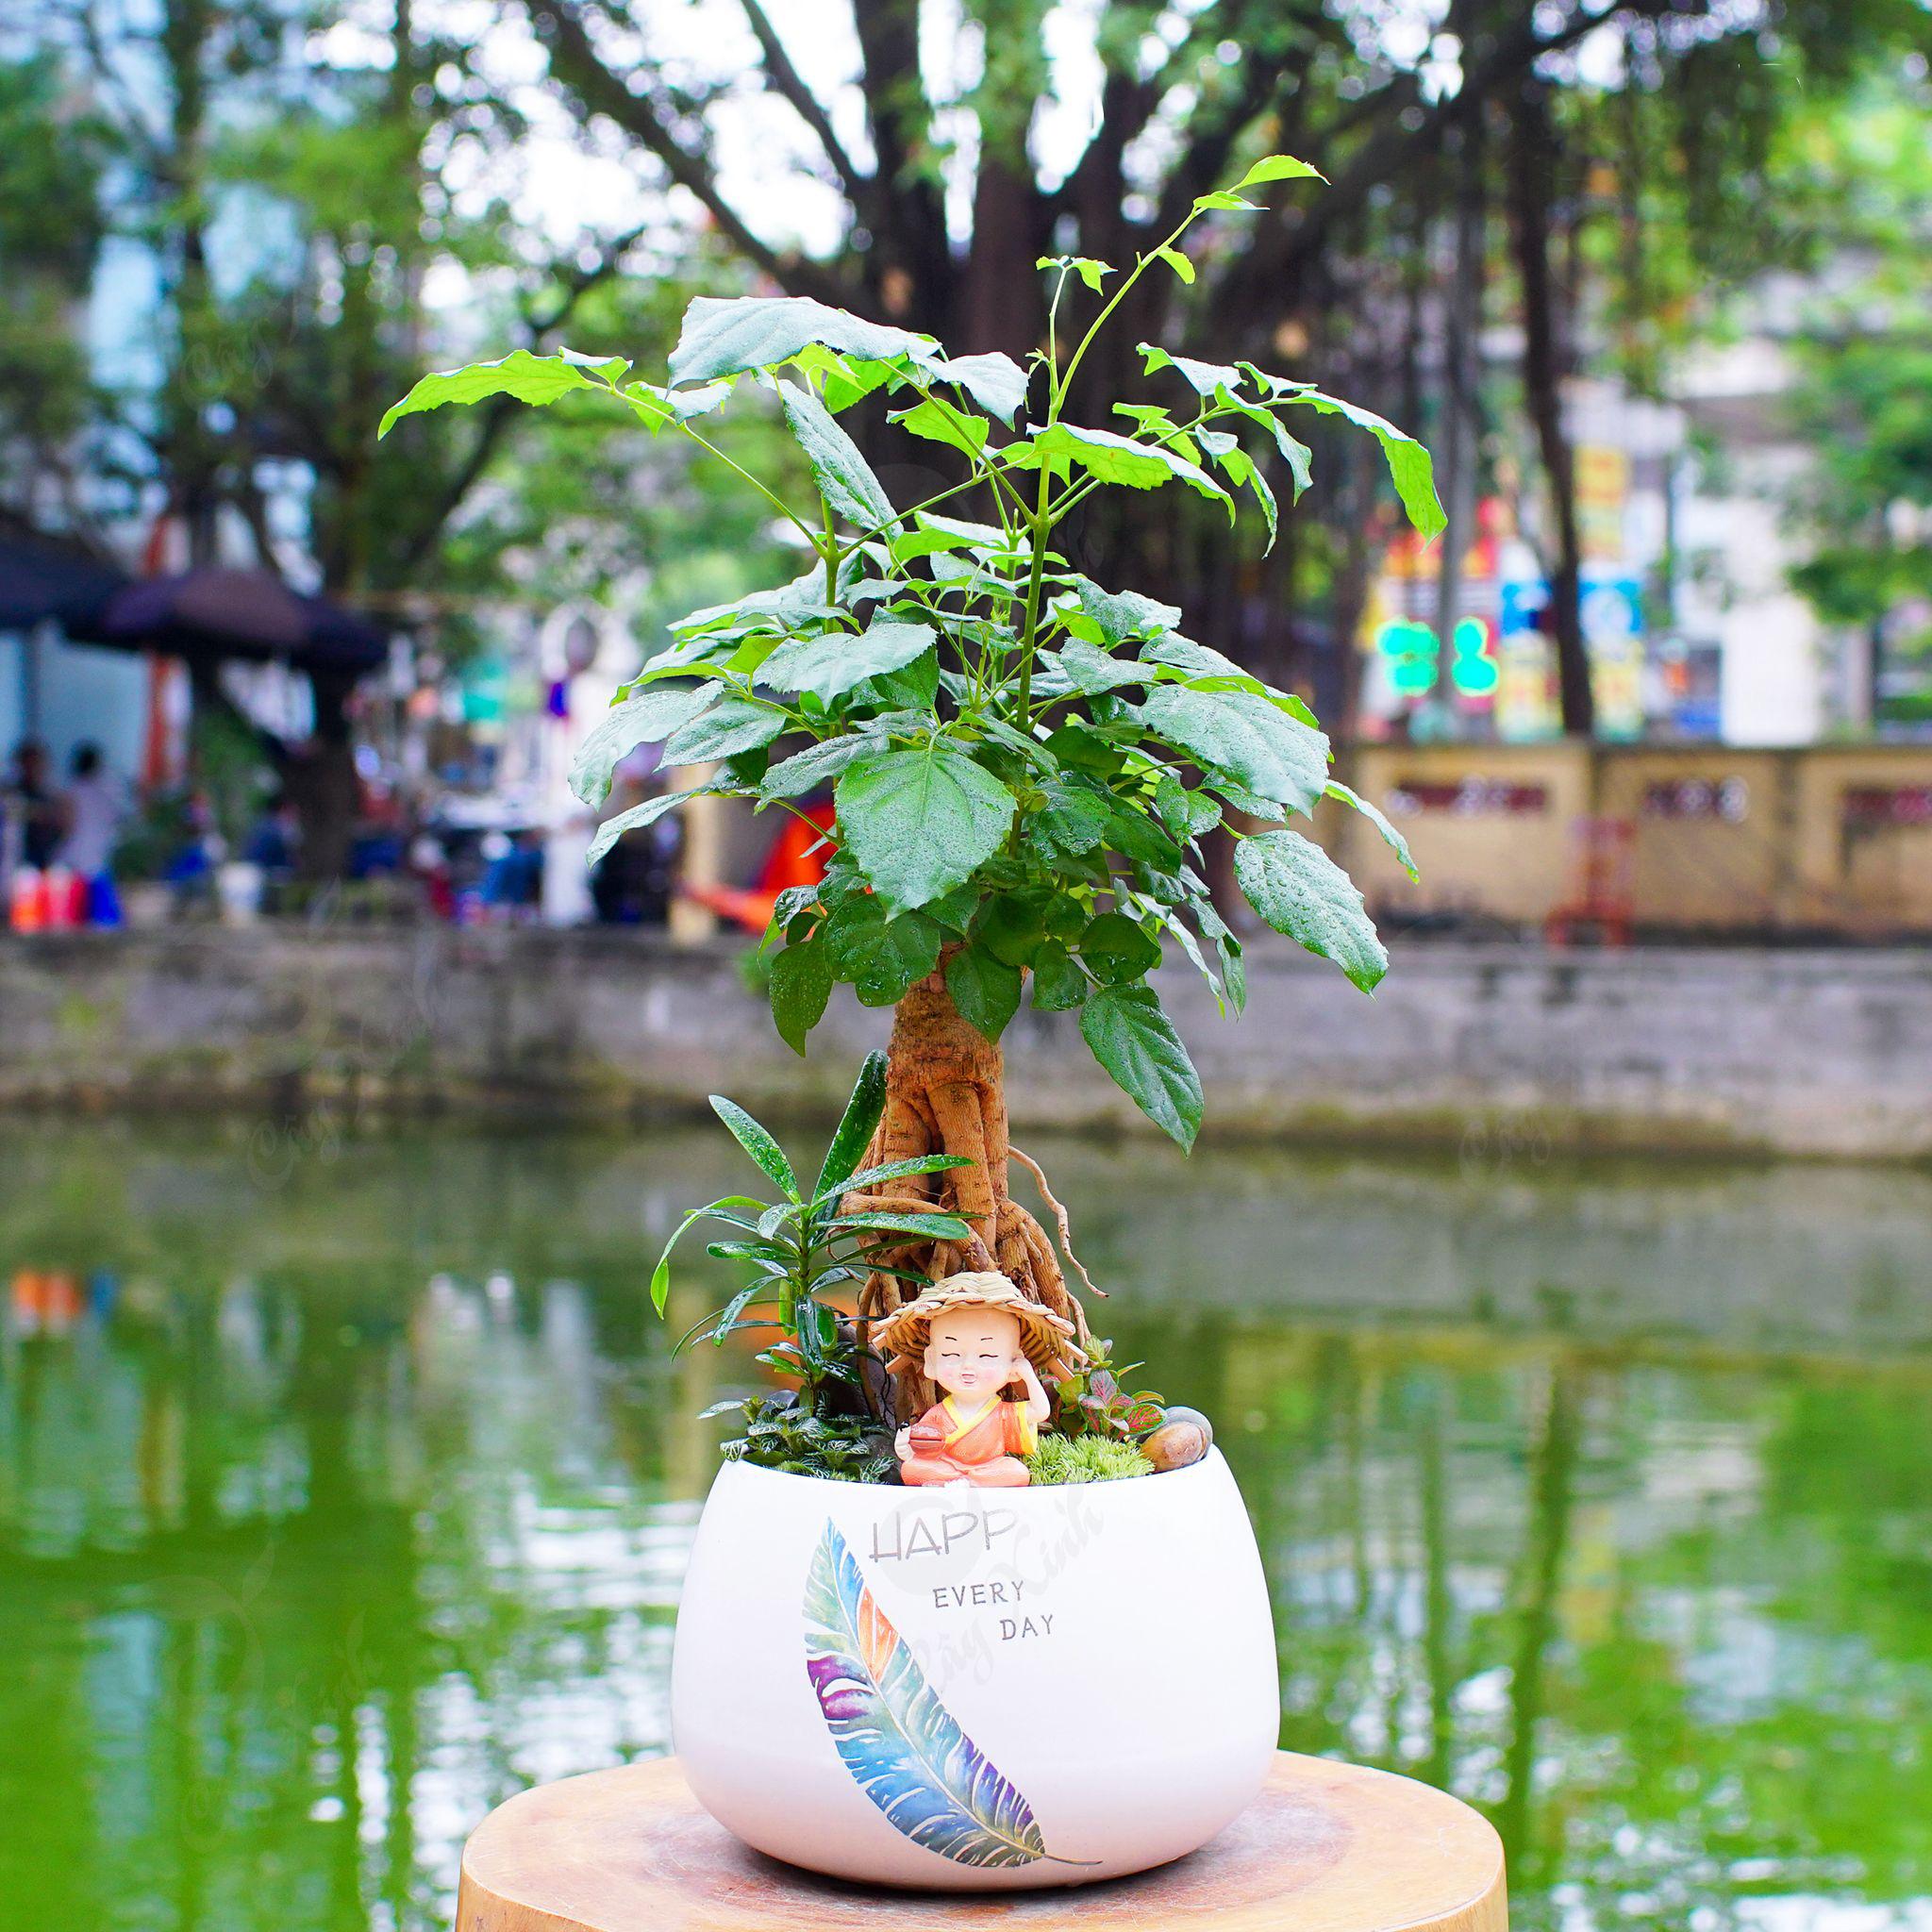 Mẫu chậu cây Hạnh phúc để bàn đẹp